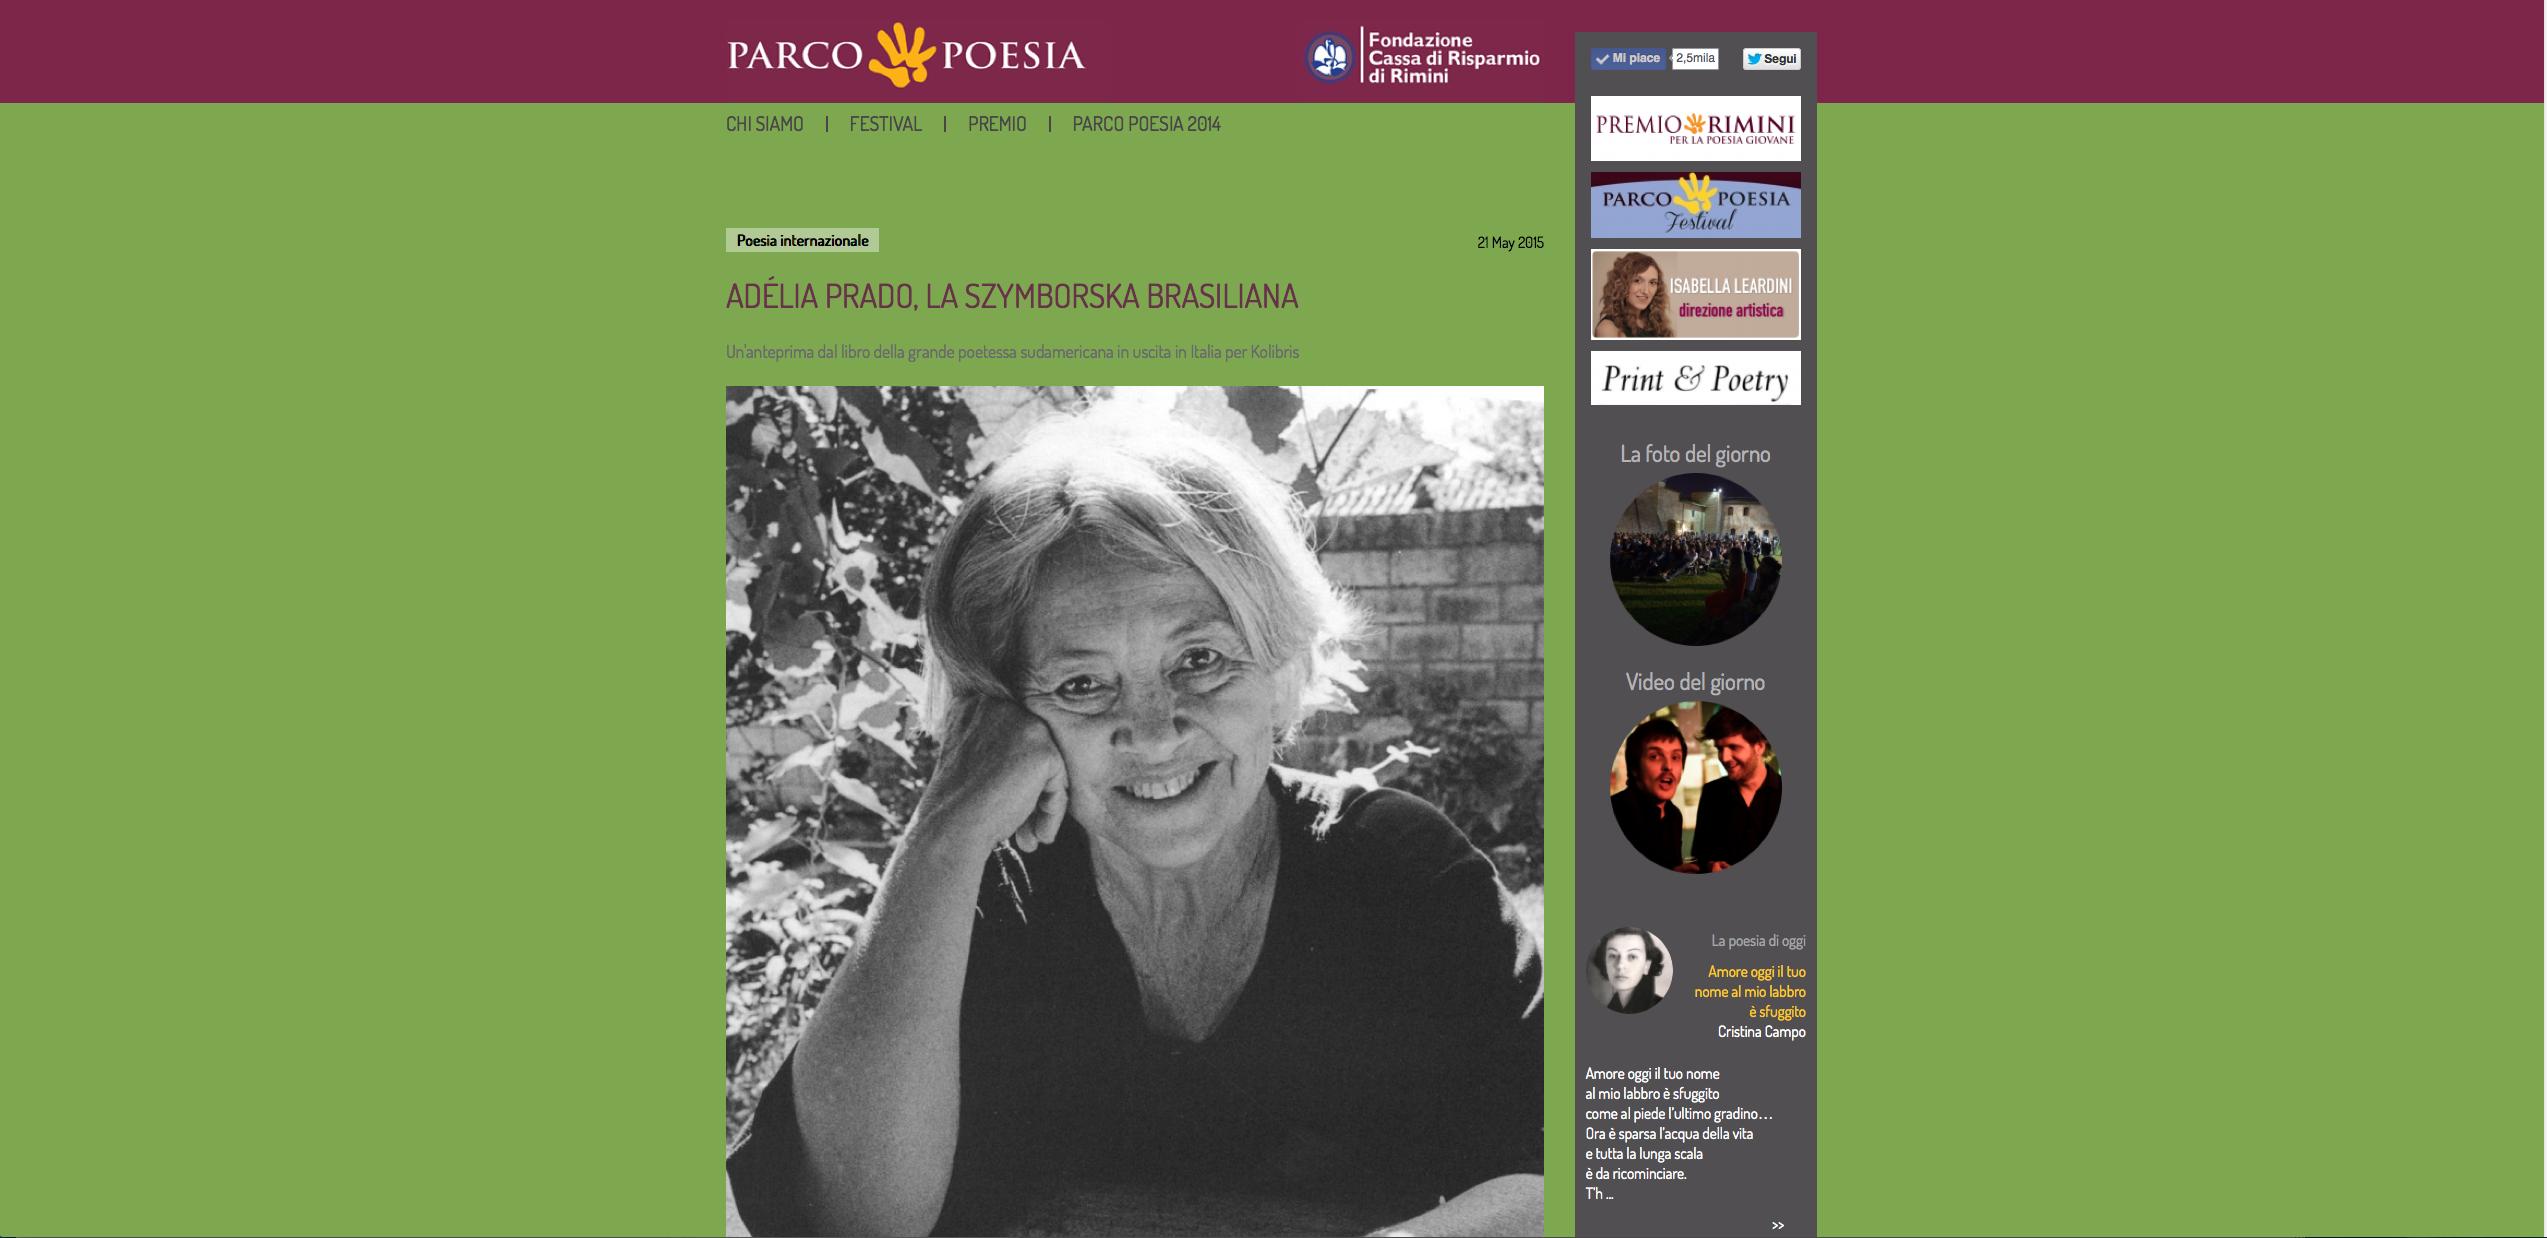 Adélia Prado sul sito di Parco Poesia